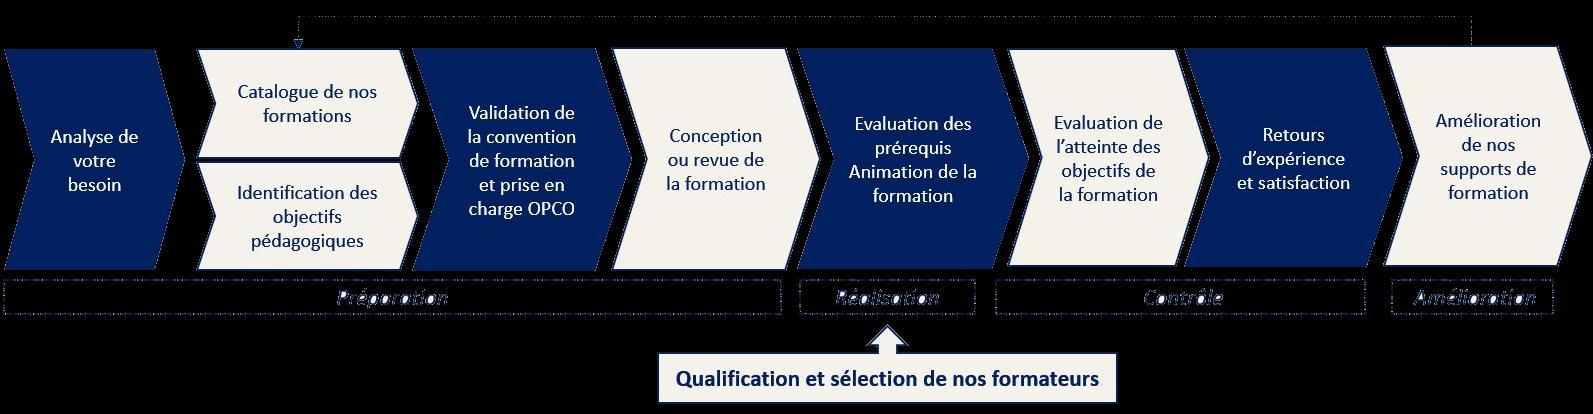 processus de formation imagé